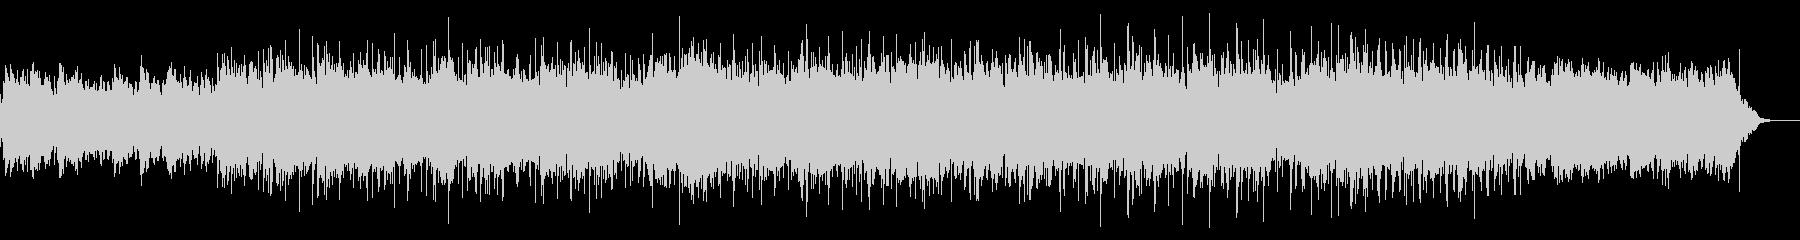 ダークなテクススチャの未再生の波形